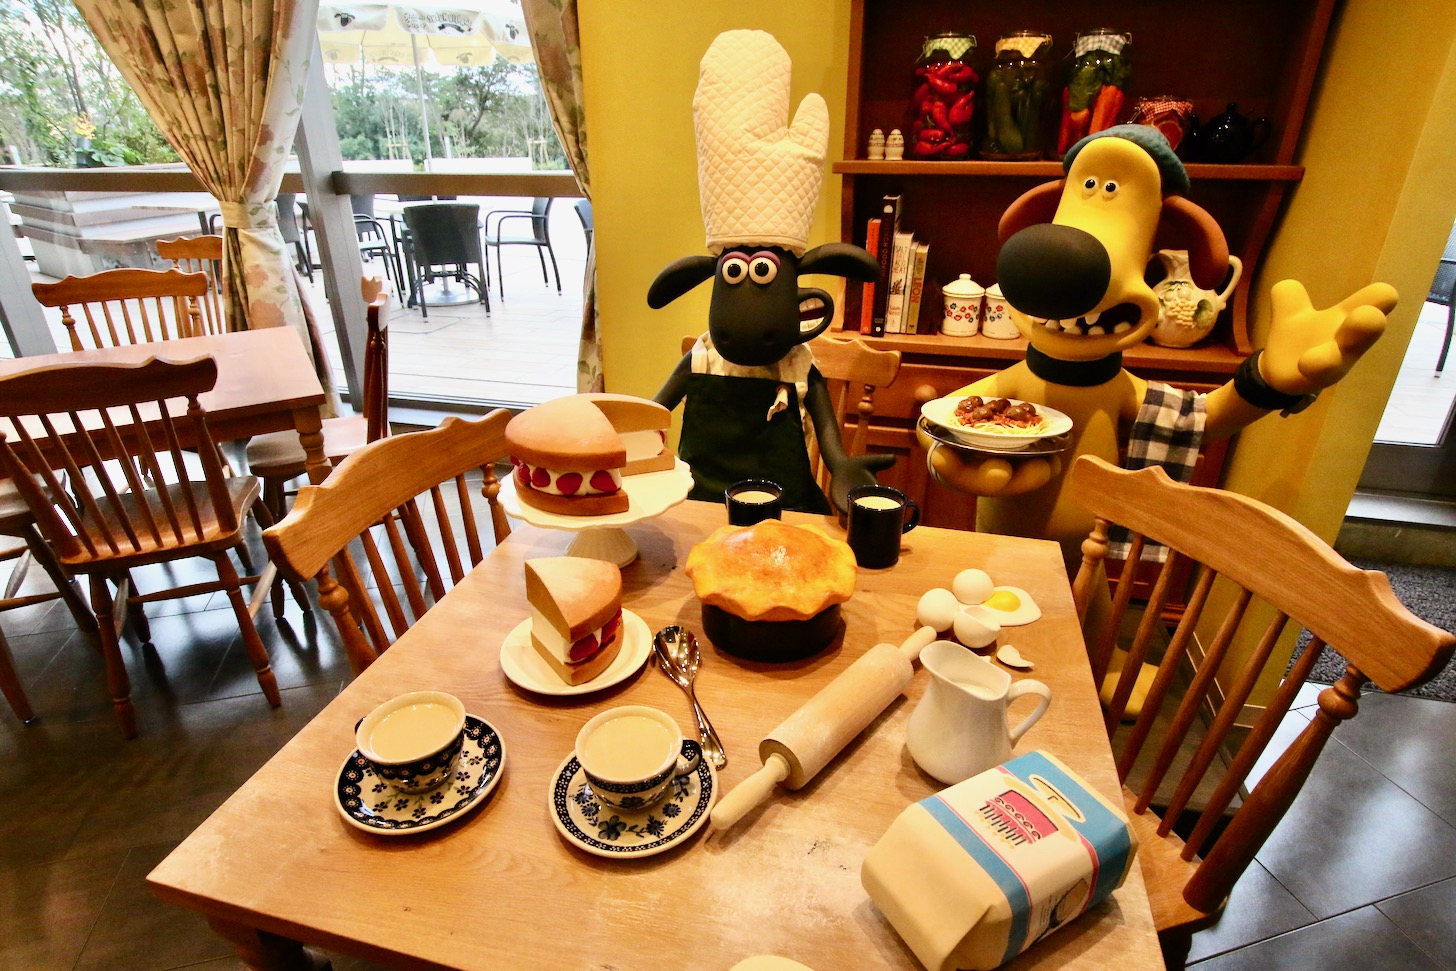 ひつじのショーンビレッジショップ&カフェ